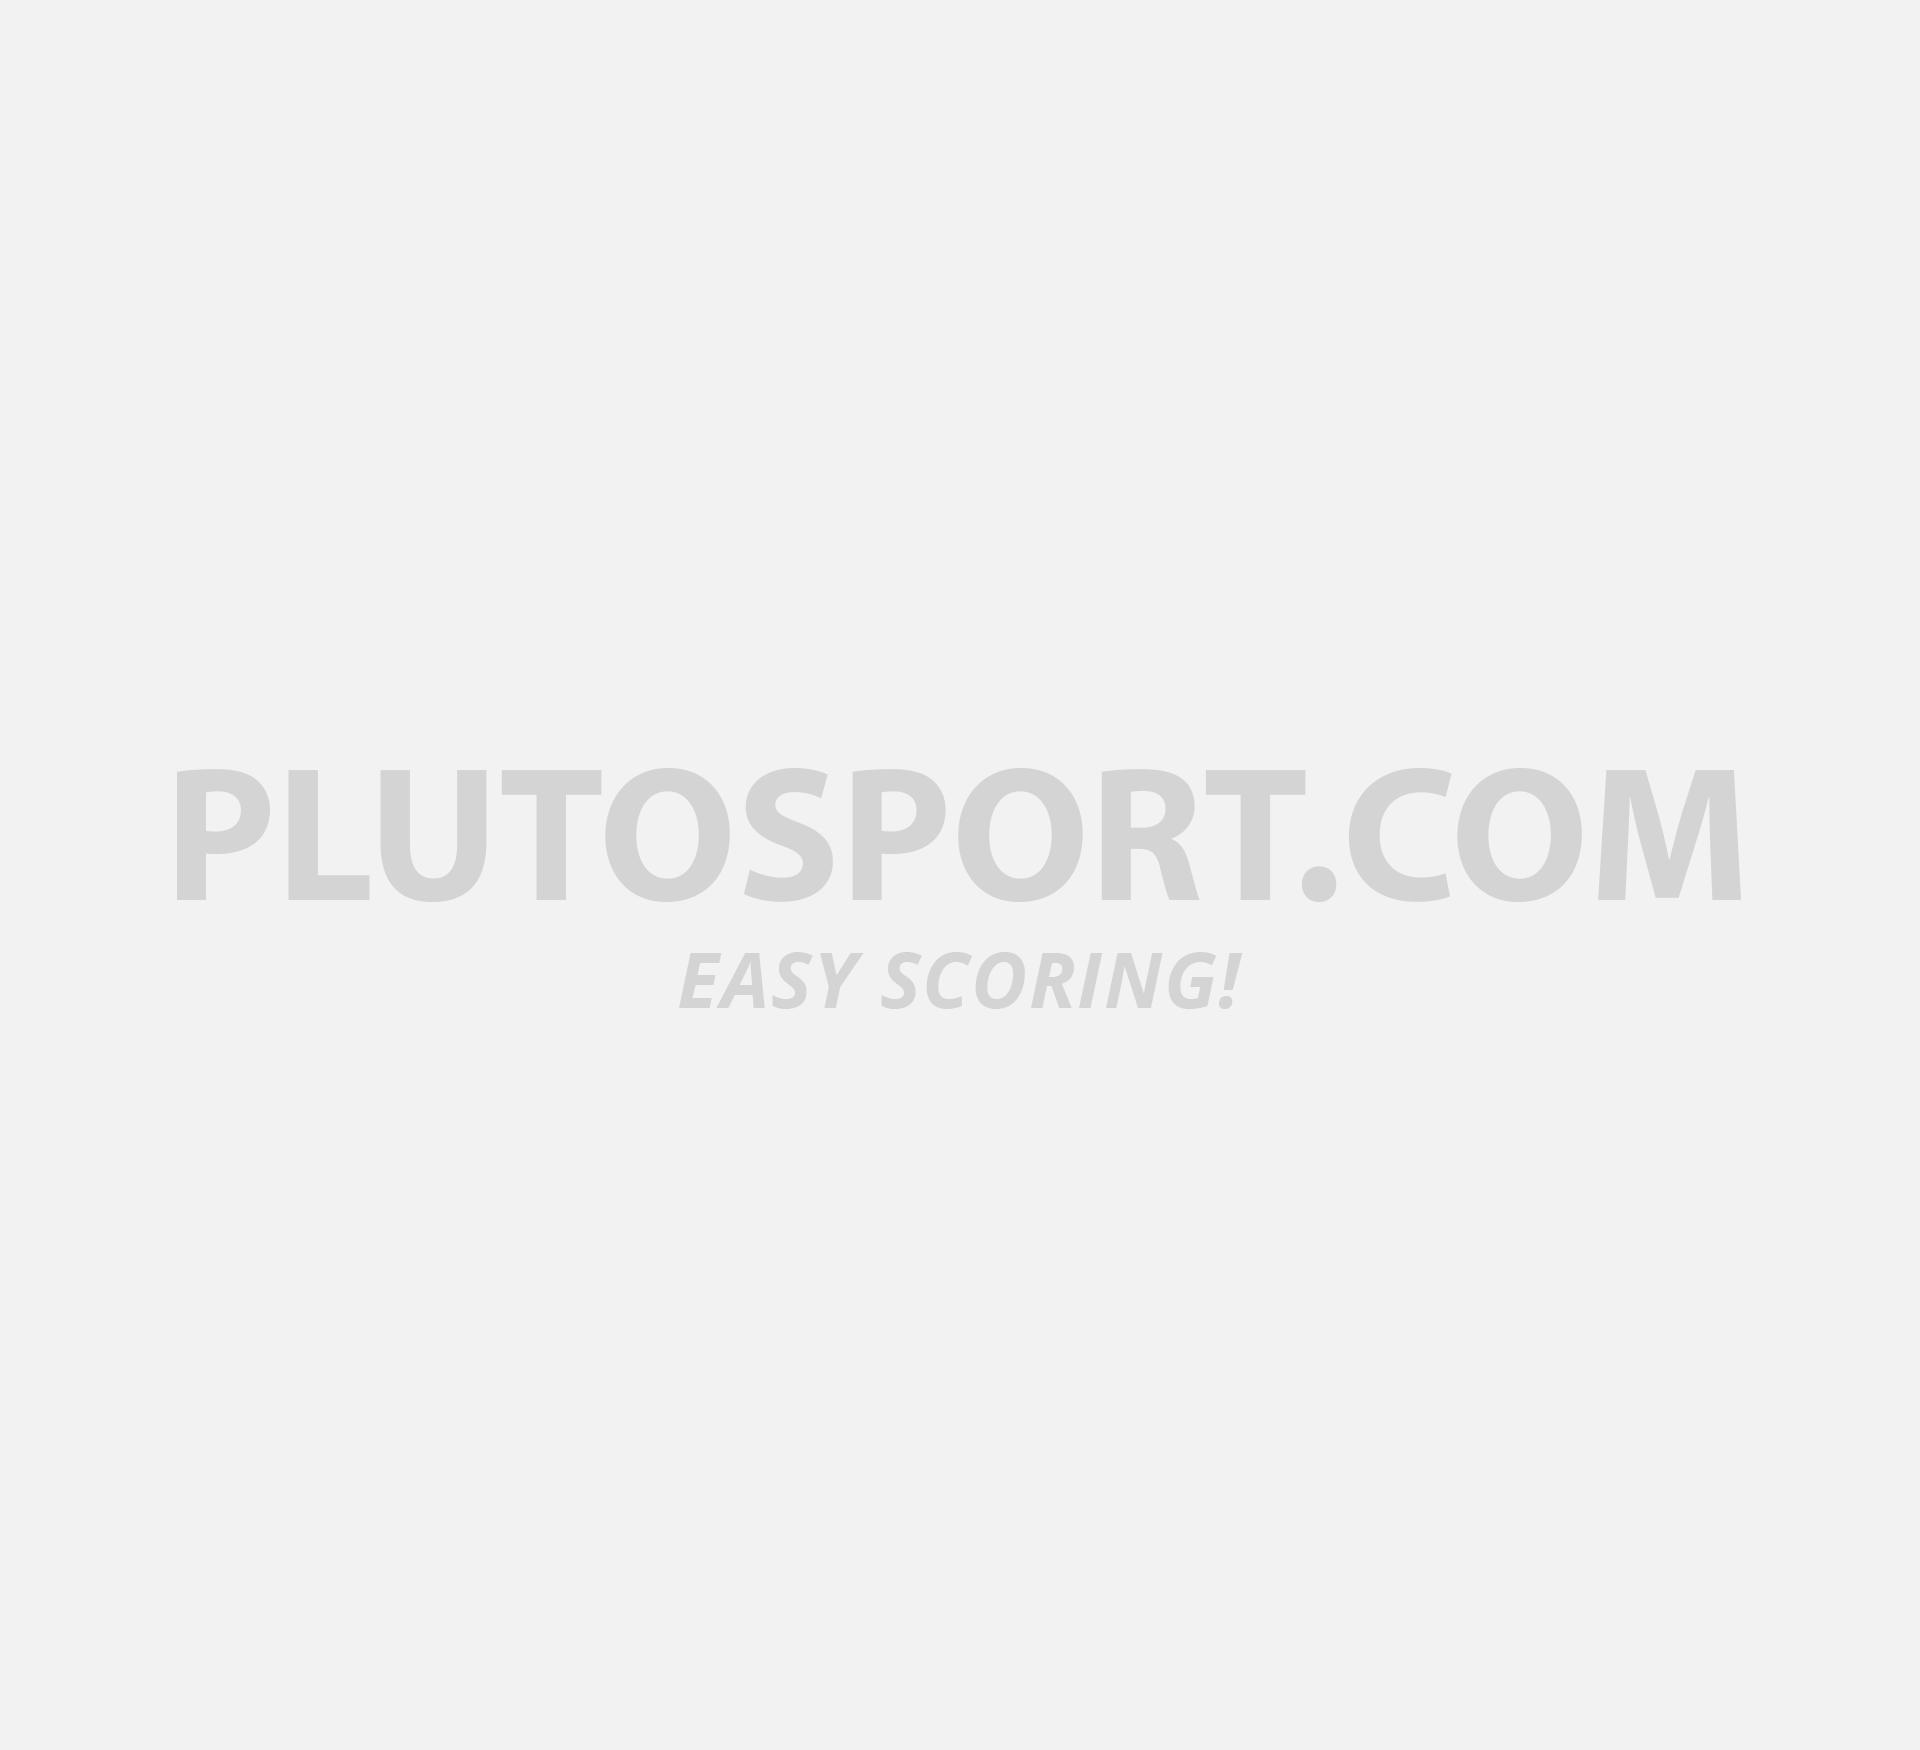 Calvin Klein Low Rise Trunk Boxershorts Men (3-pack)